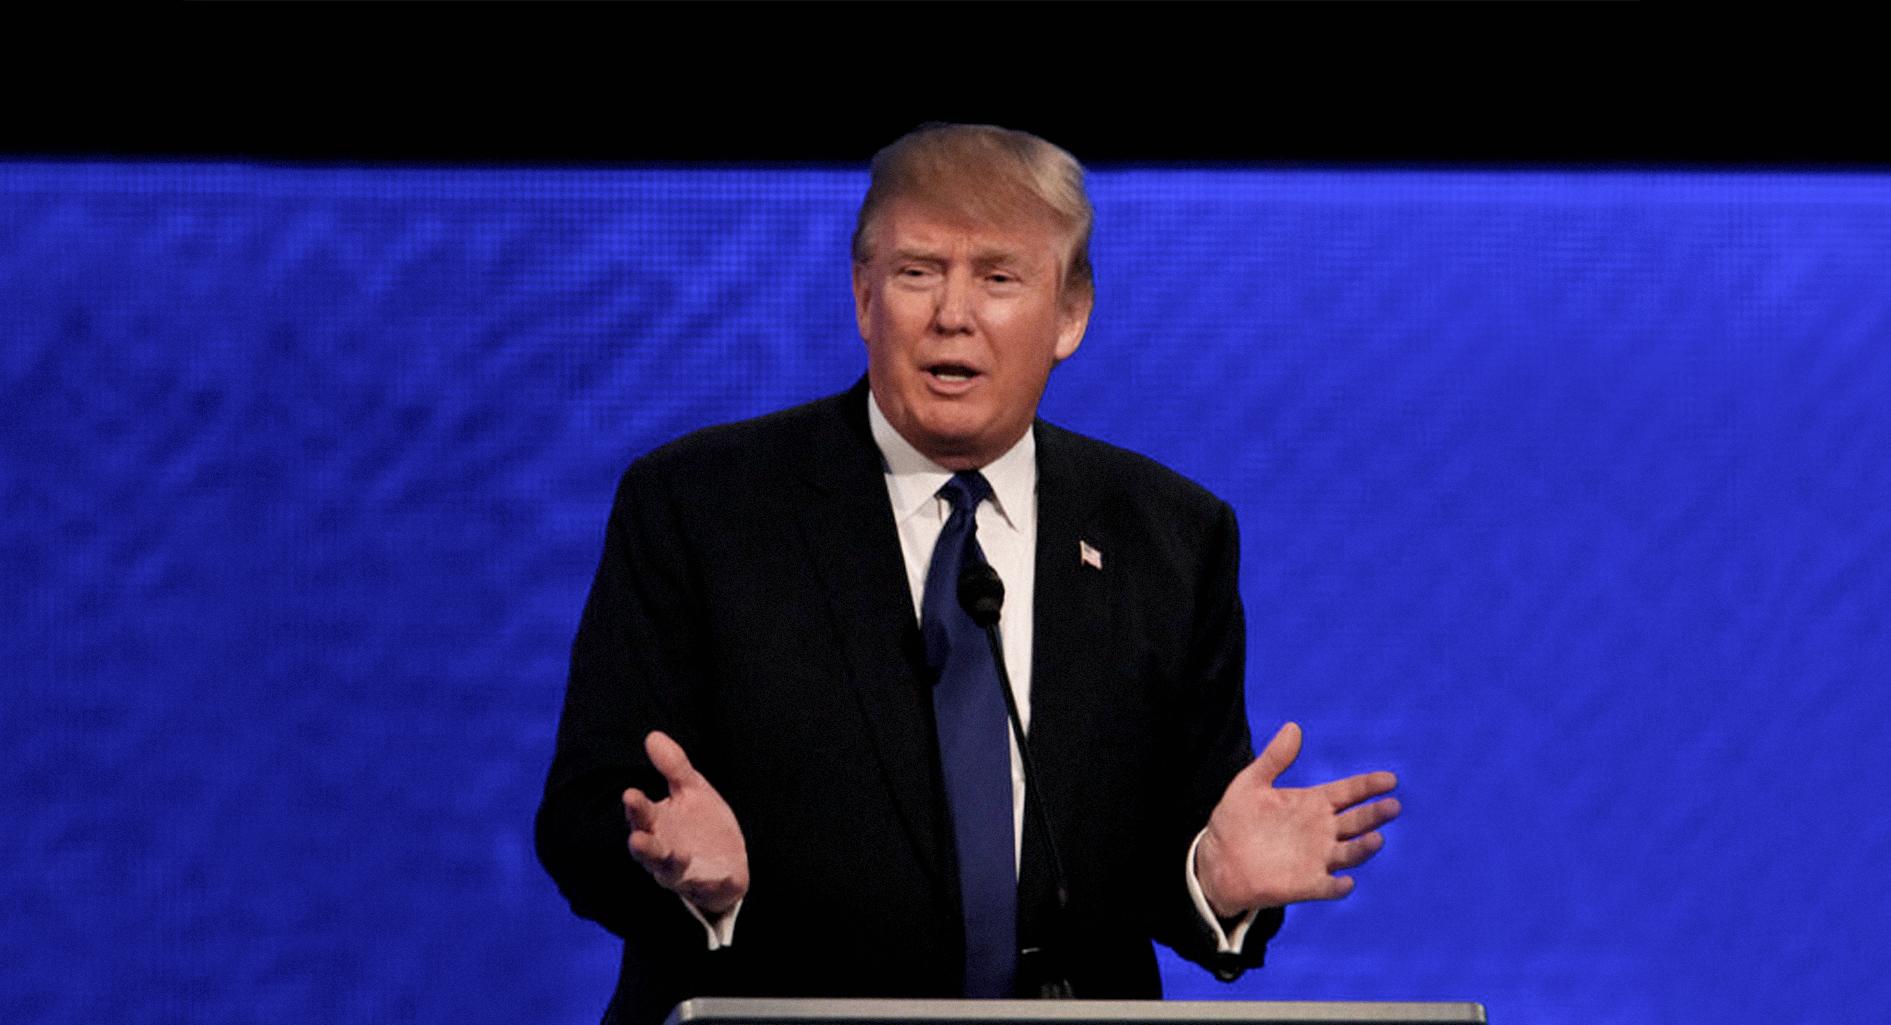 صورة ترامب يطالب بتحديد الأعراق التي يمكن له احتقارها دون اتهامه بالعنصرية